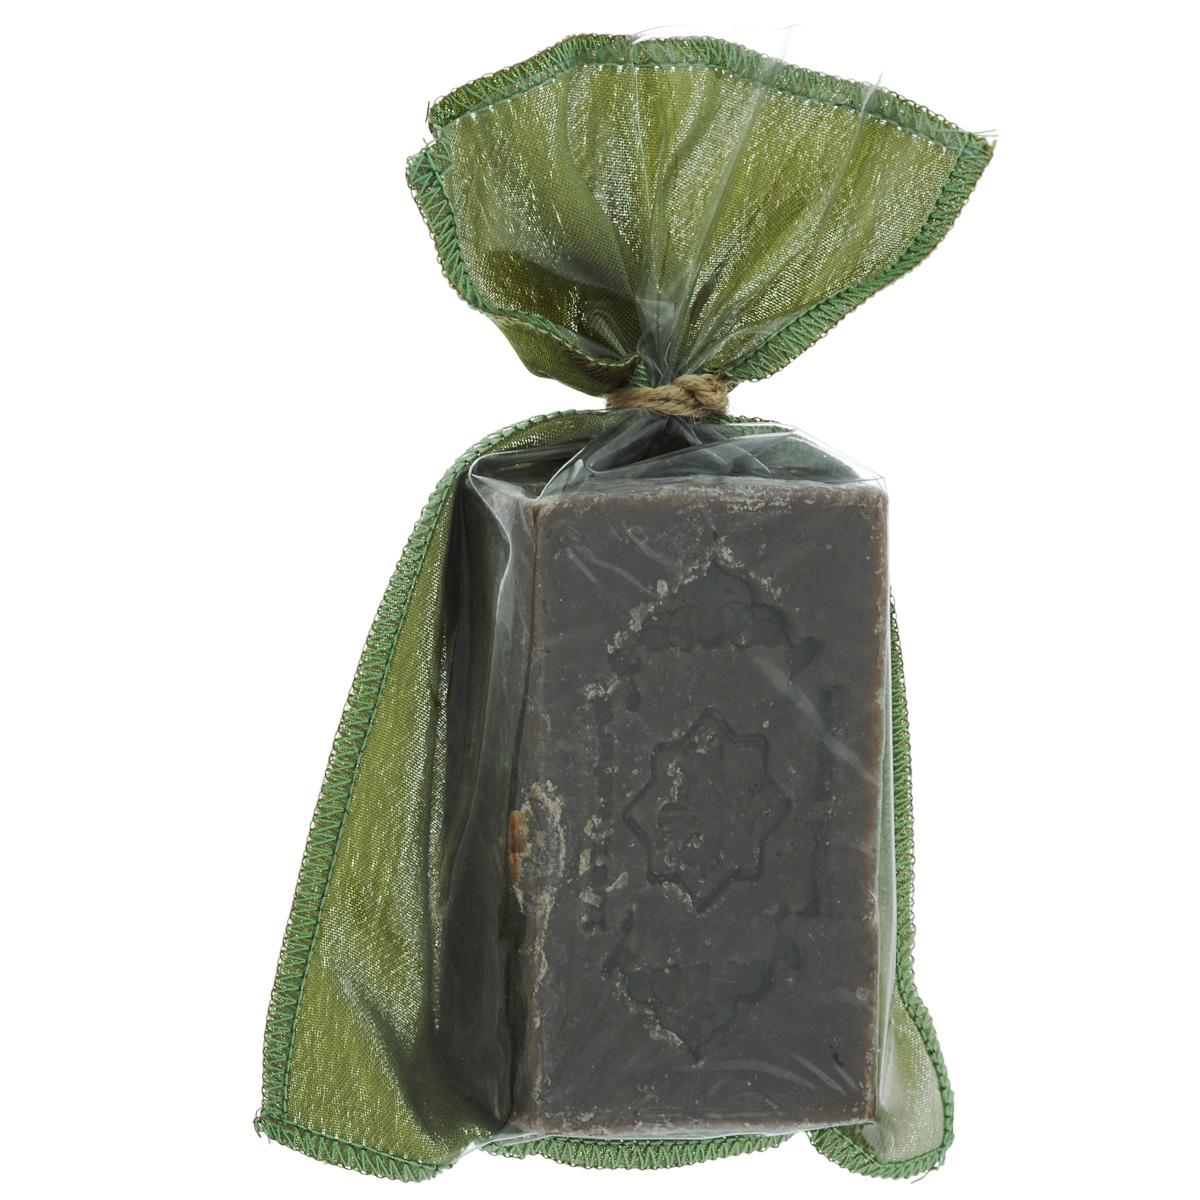 Зейтун Мыло Экстра №6 Мягкий скраб, 150 гZ1105Очень мелко перемолотая виноградная косточка обеспечивает мягкий и нежный абразивный эффект этого натурального мыла, аккуратно отшелушивая мелкие частички эпителия. Персиковое и оливковое масла прекрасно смягчают и увлажняют кожу, благодаря чему после процесса очищения она становится мягкой и бархатистой.